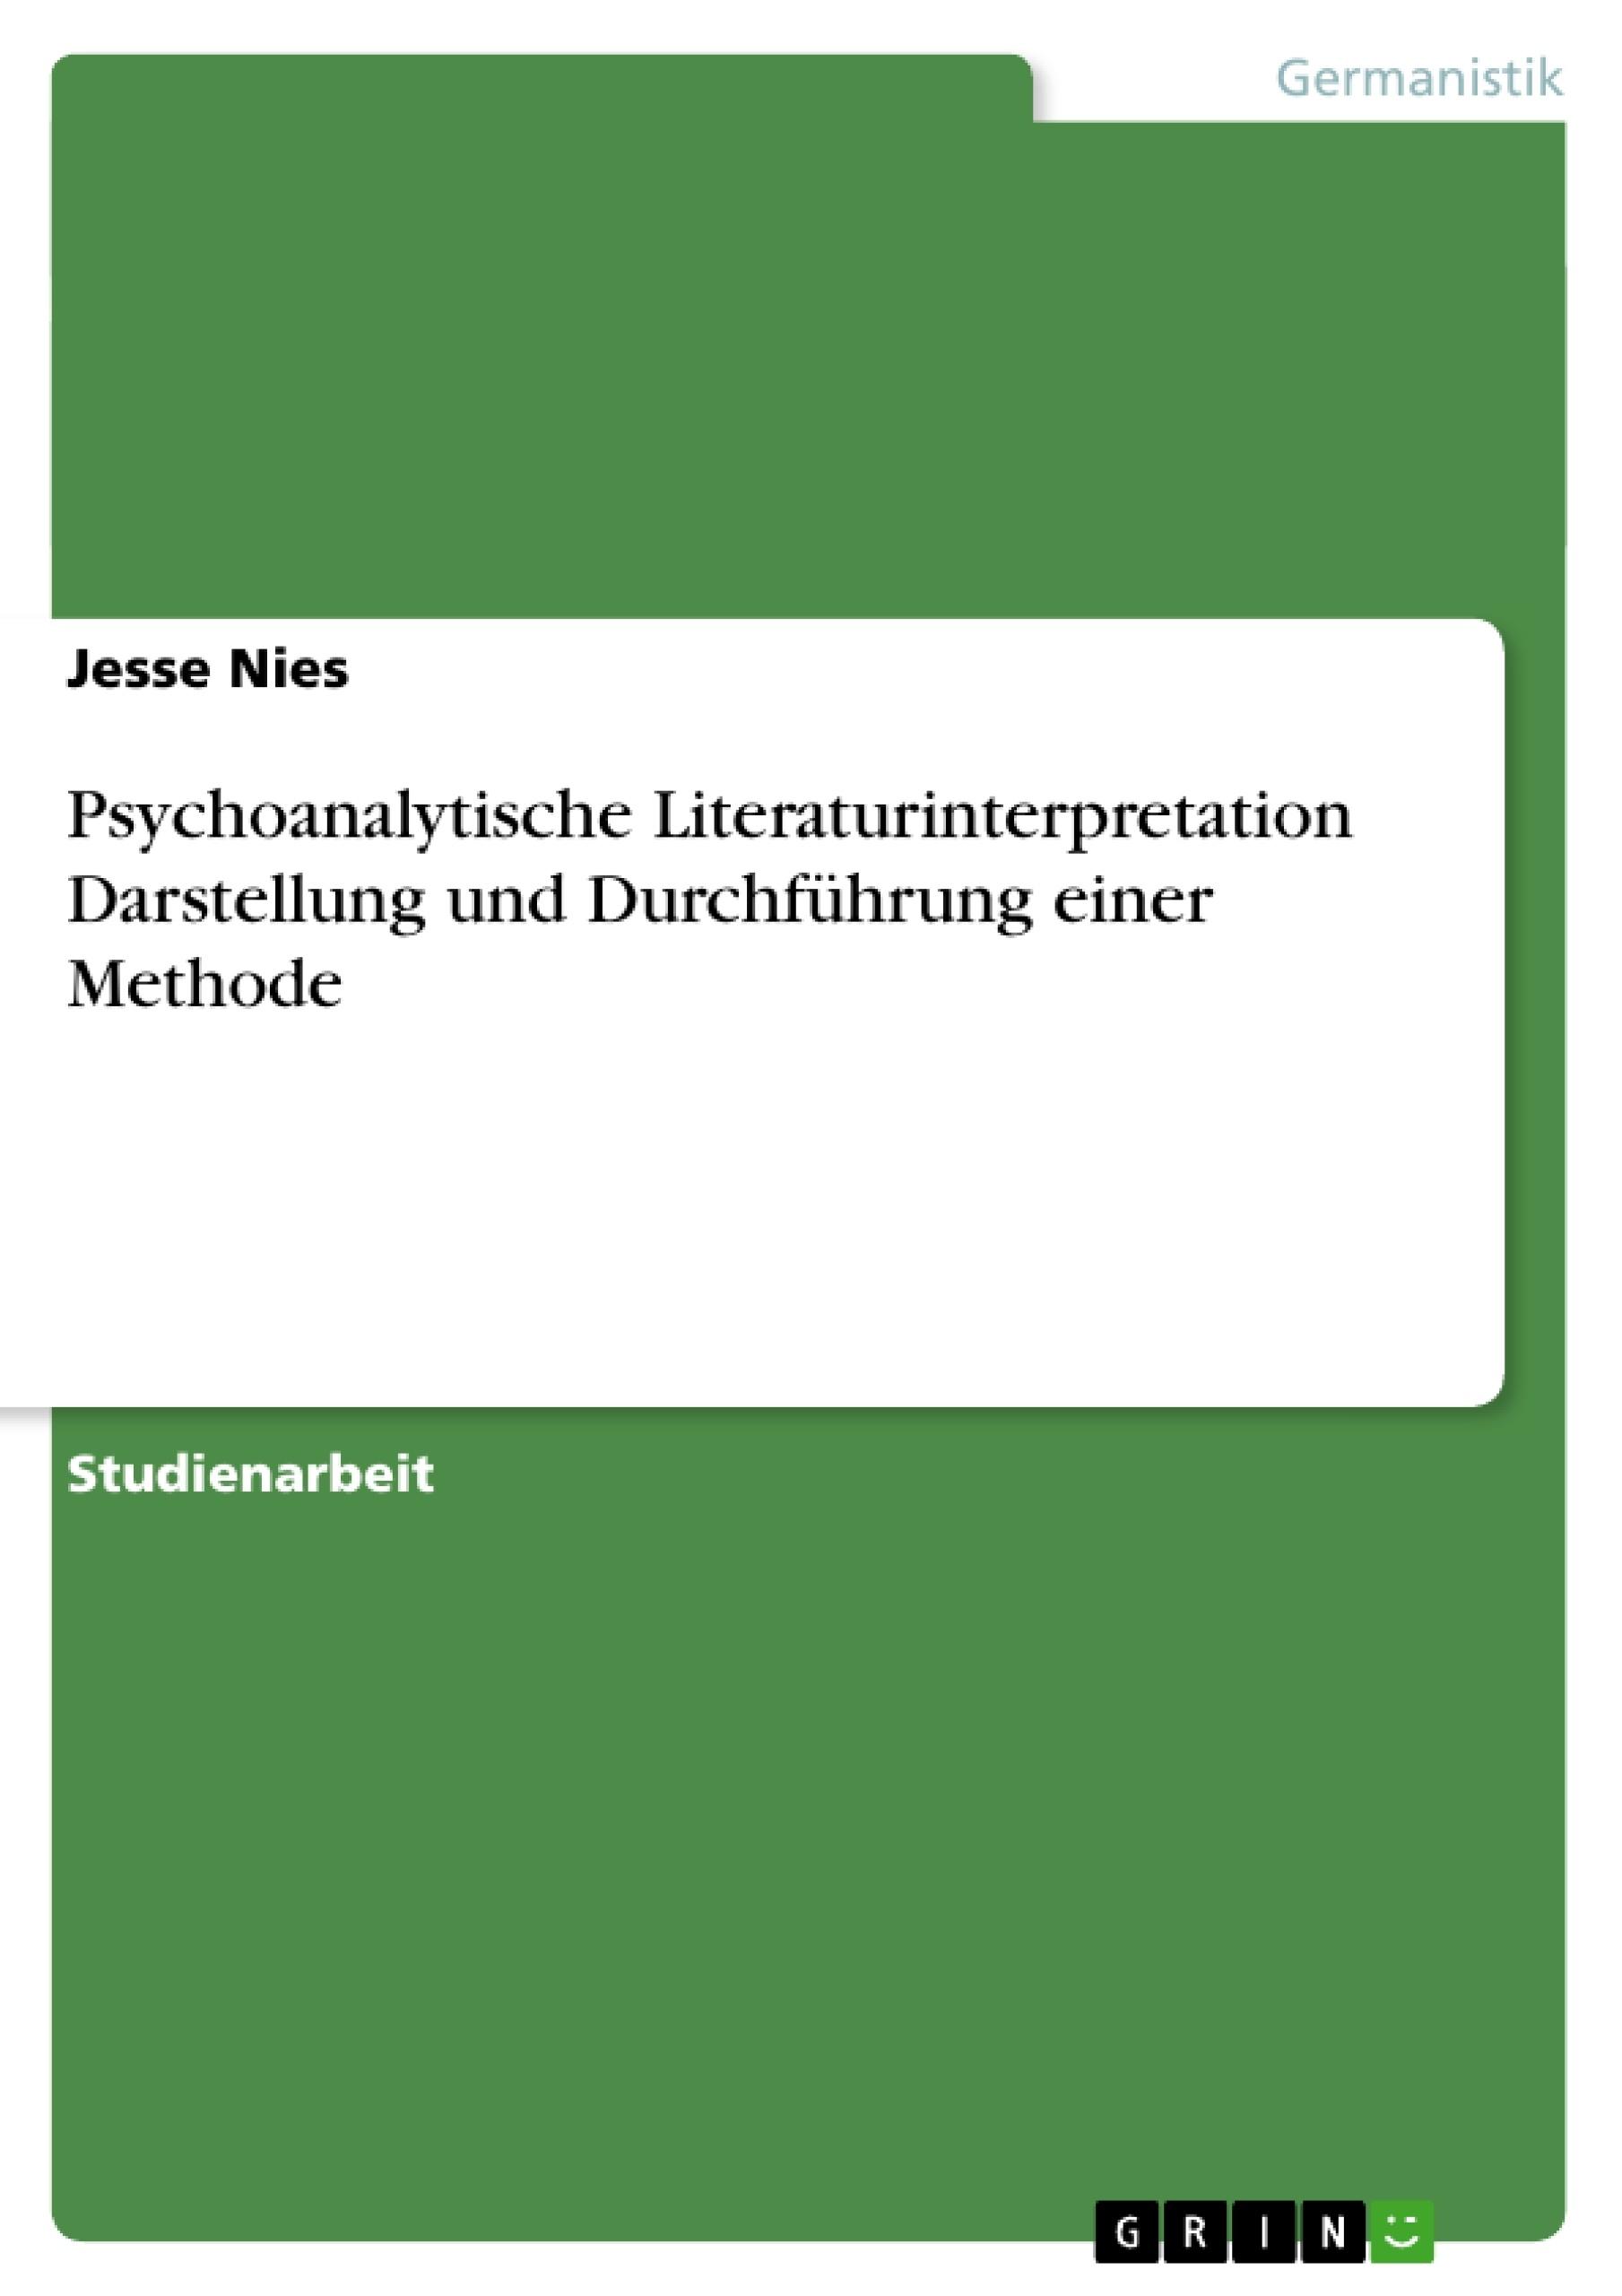 Titel: Psychoanalytische Literaturinterpretation Darstellung und Durchführung einer Methode